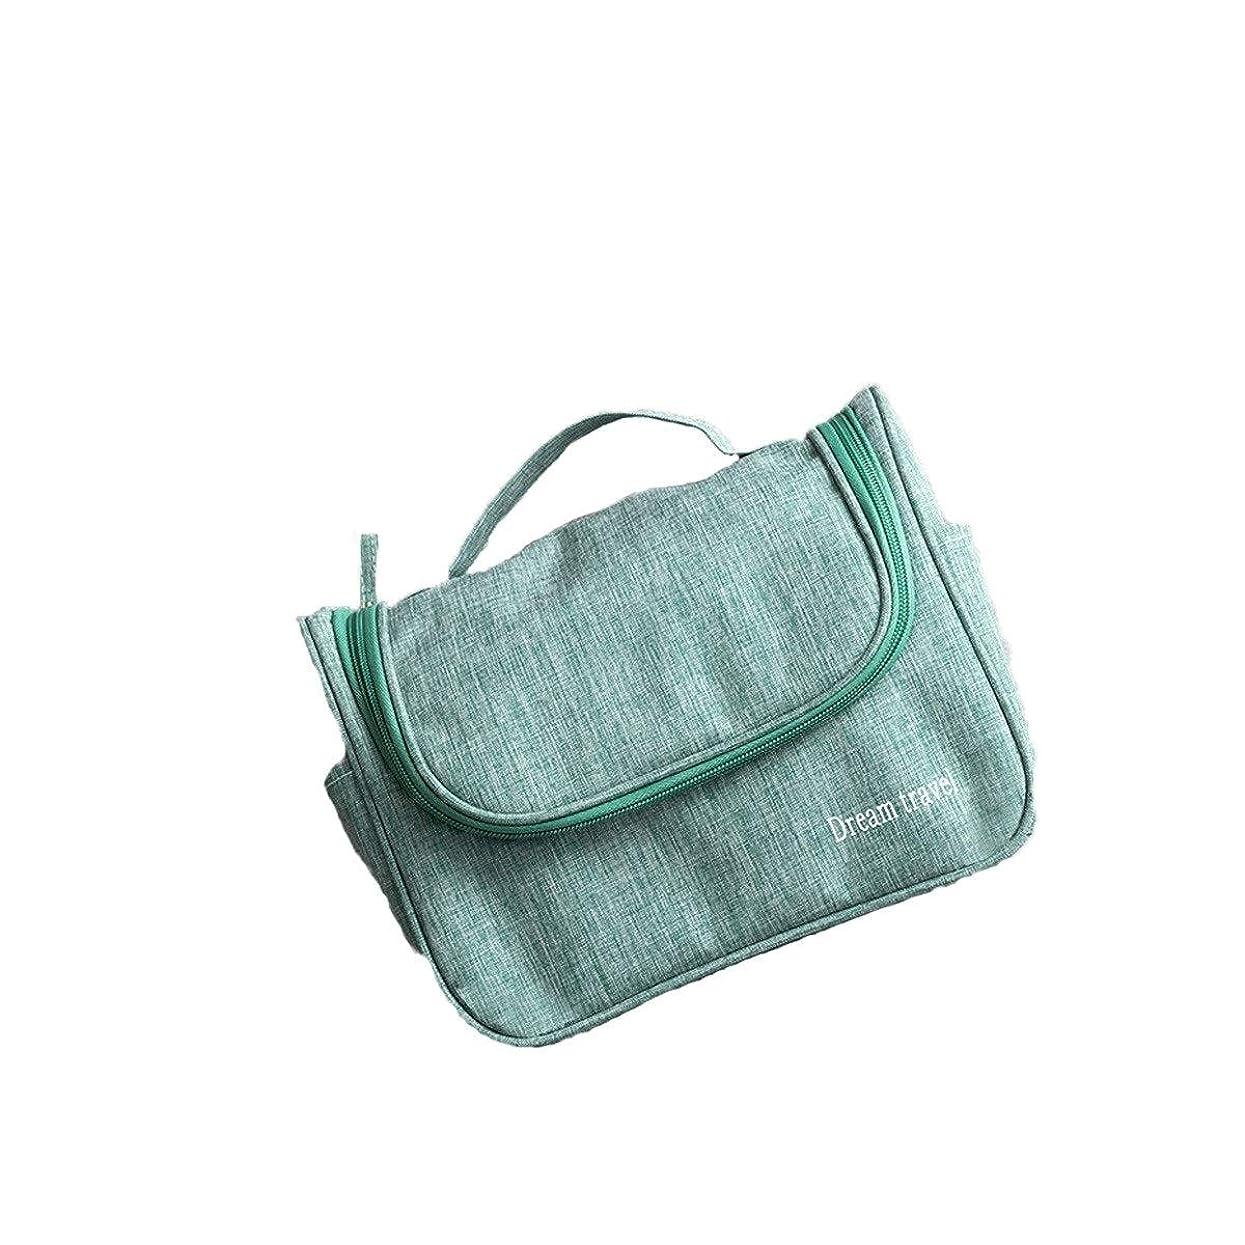 面白い豆ベリーYXYJ 化粧品/バルクバッグ、化粧品バッグ手持ち、ポータブル化粧品袋 (Color : Green)